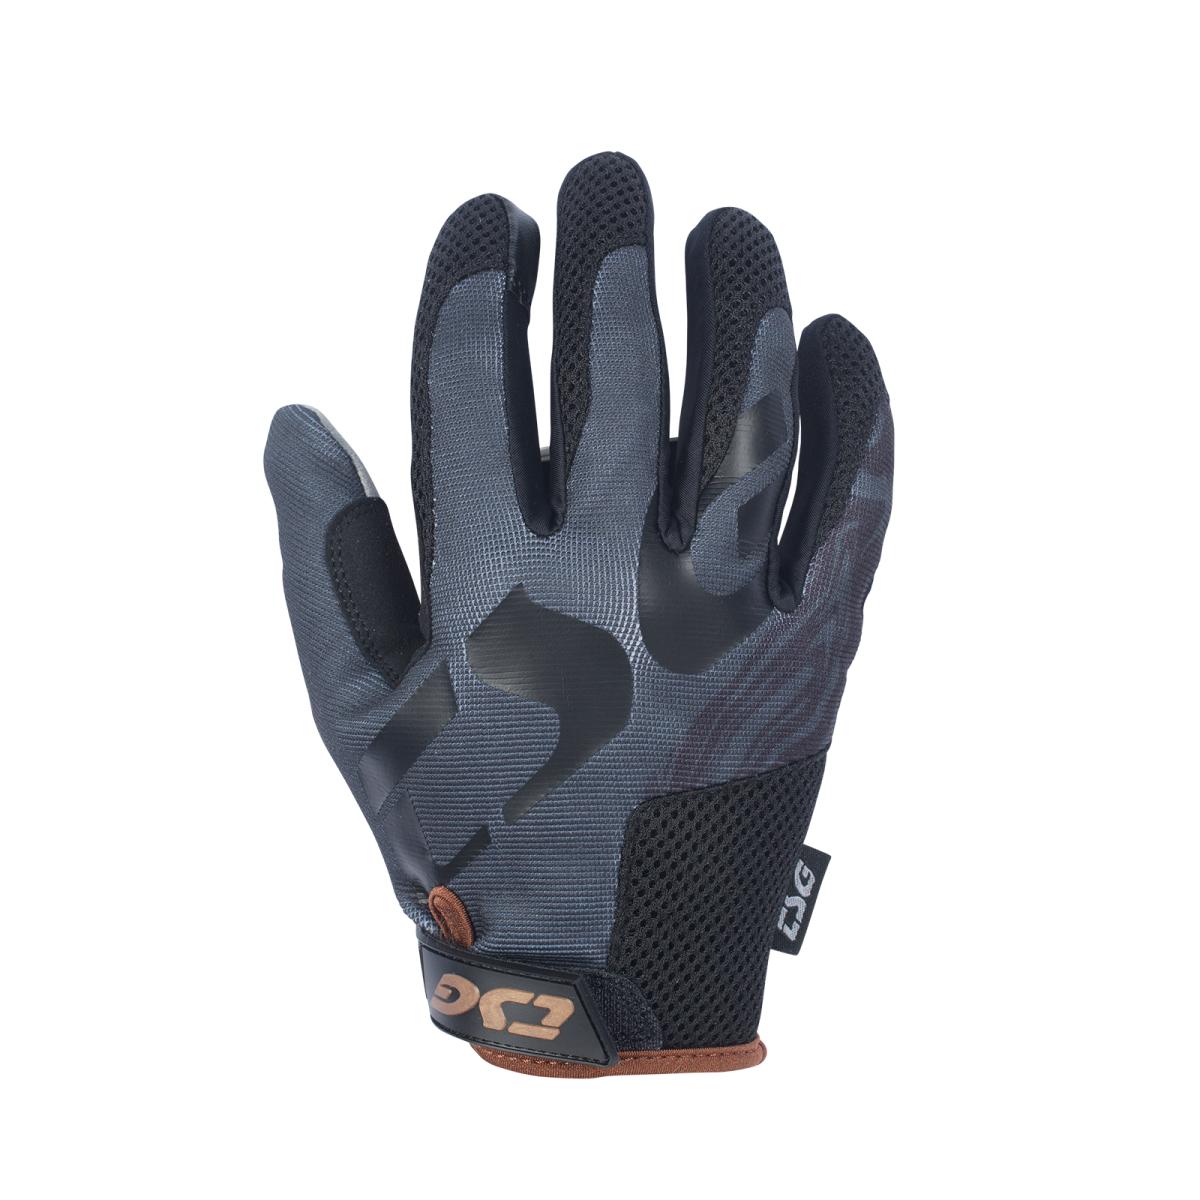 Rękawiczki TSG Patrol BE2